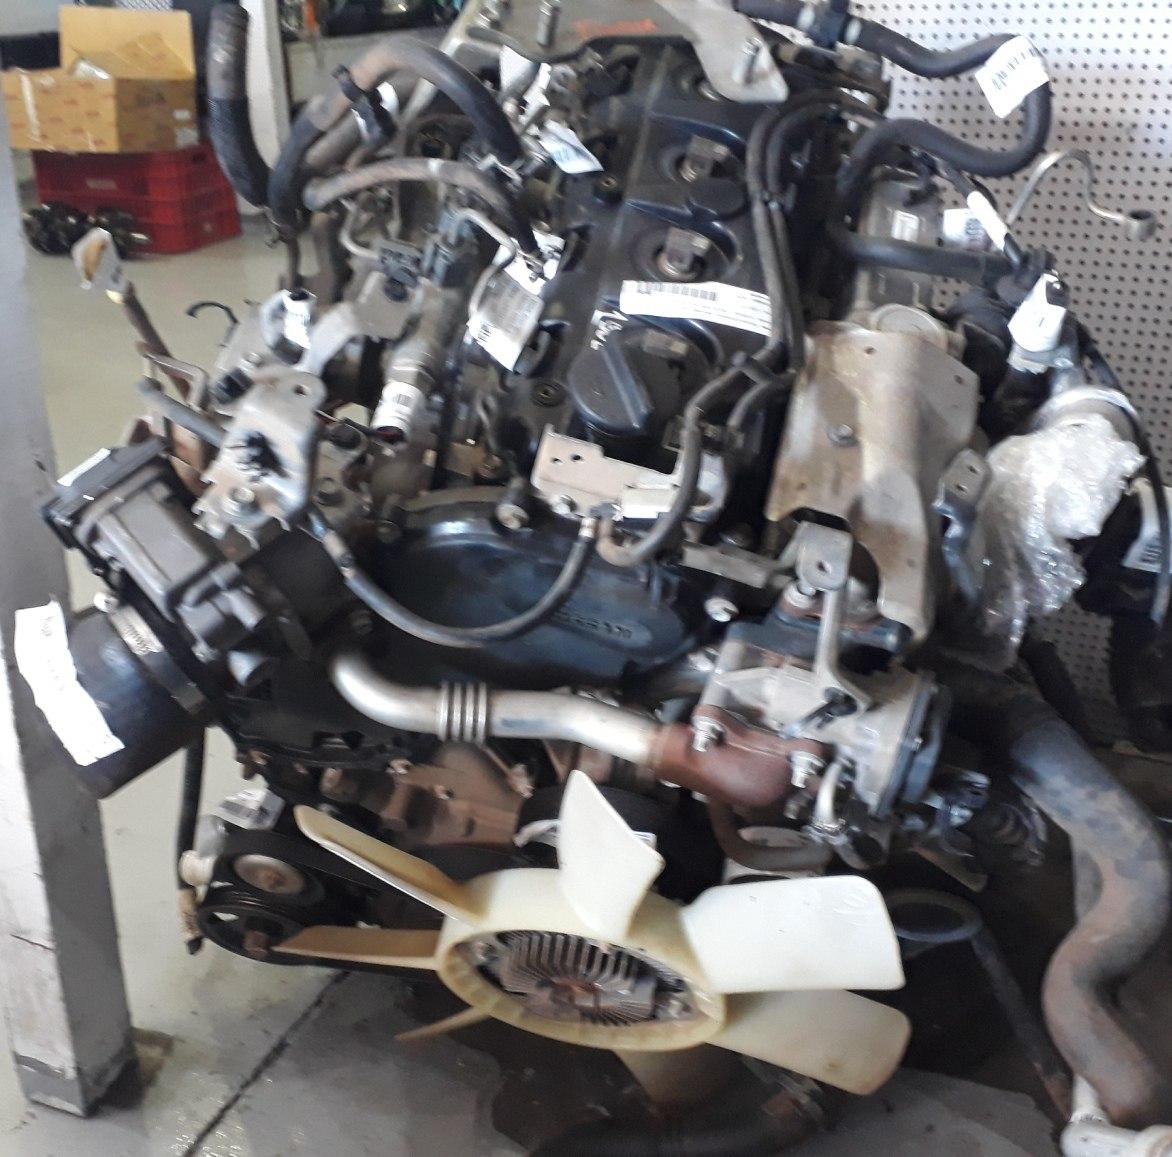 Nissan Frontier Diesel >> Motor Parcial Nissan Frontier 2.5 Diesel - R$ 14.900,00 em ...